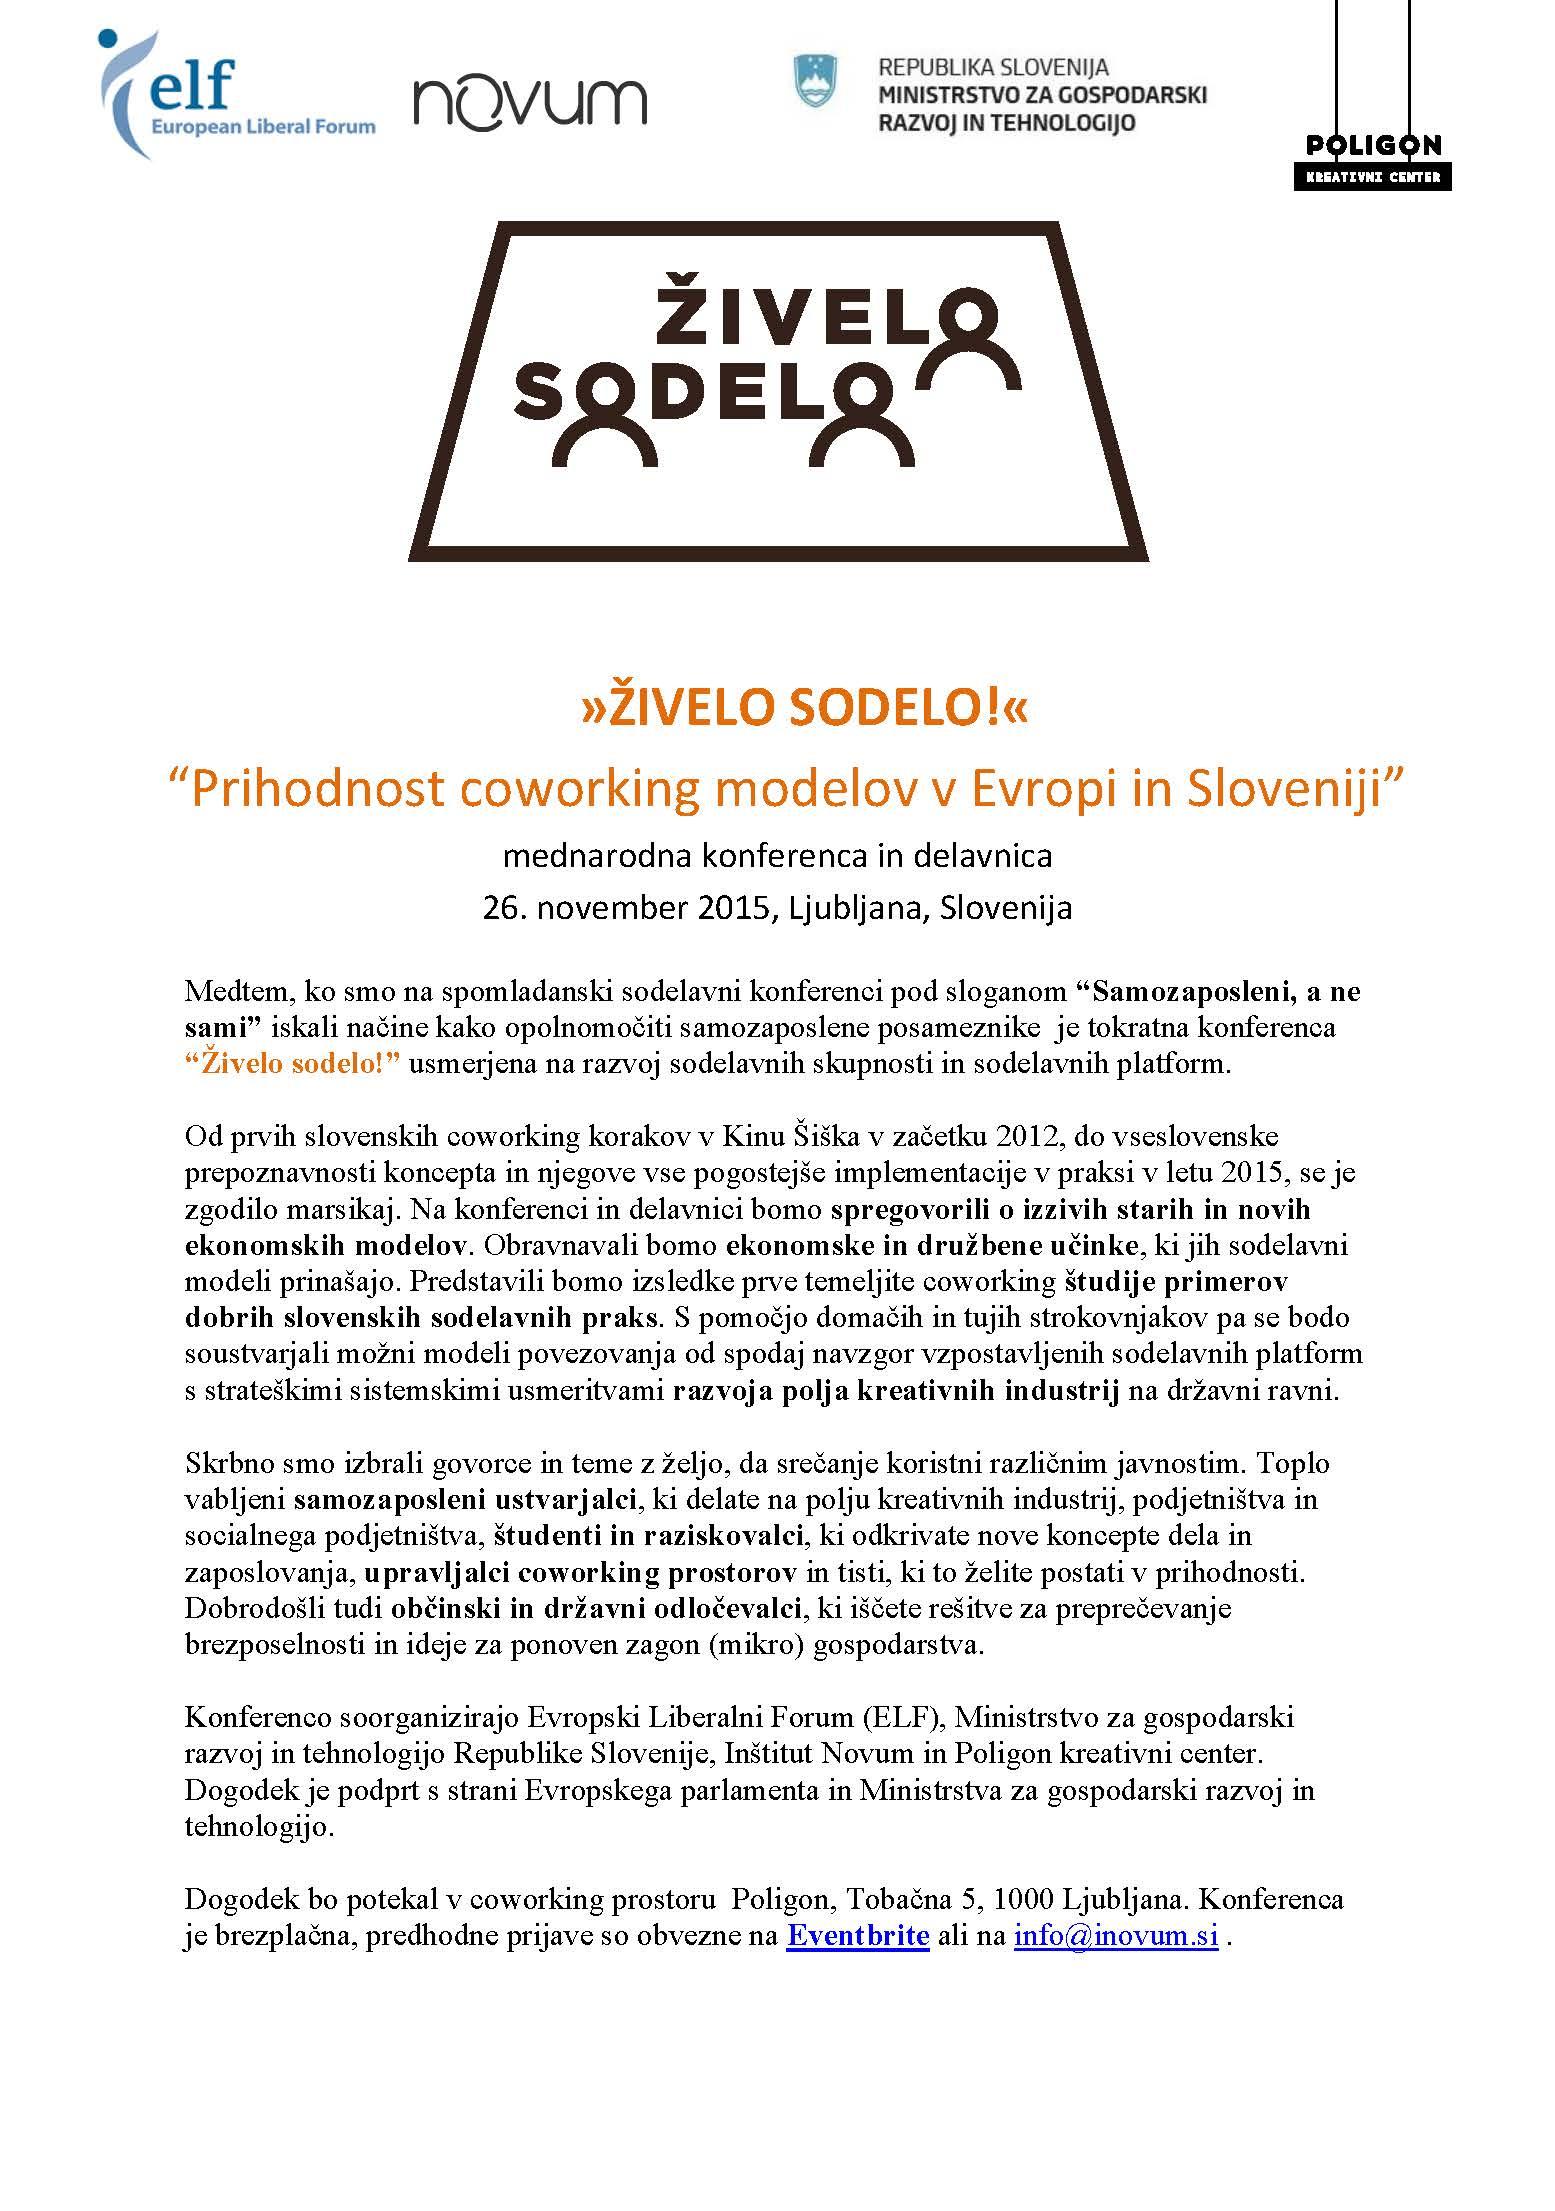 Vabilo_Prihodnost_coworking_modelov_v_Sloveniji_in_Evropi_Page_1